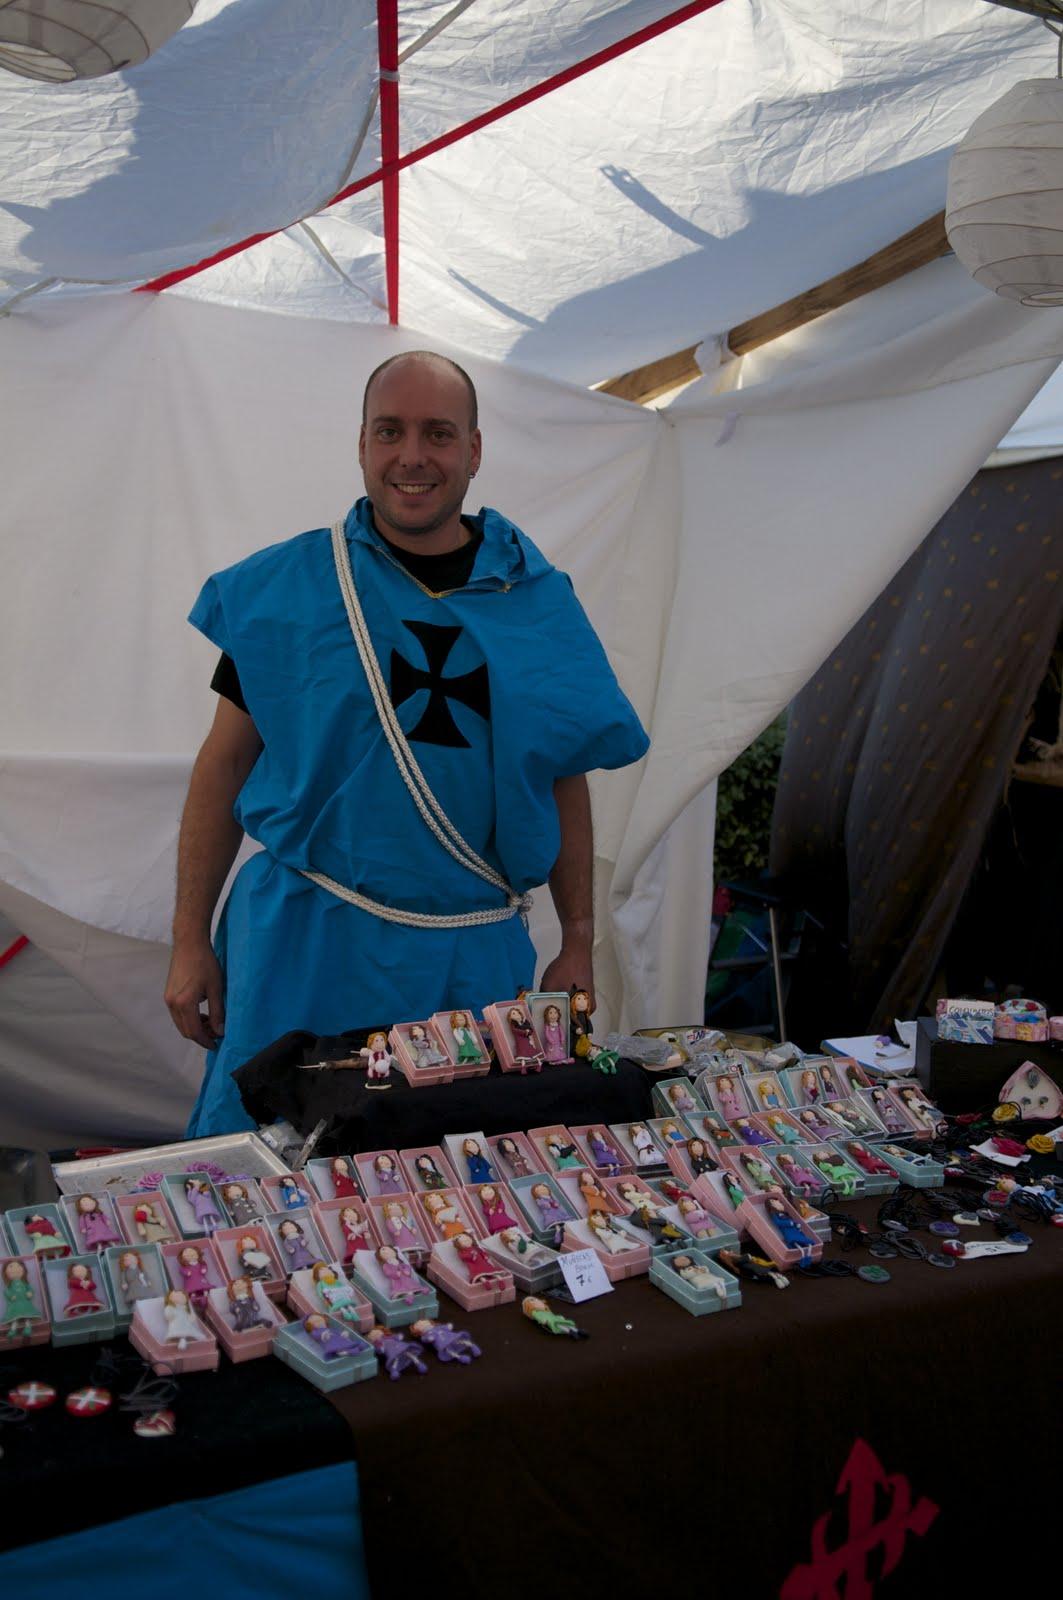 Celiarec Artesania Feria Medieval Del Puerto De Getxo